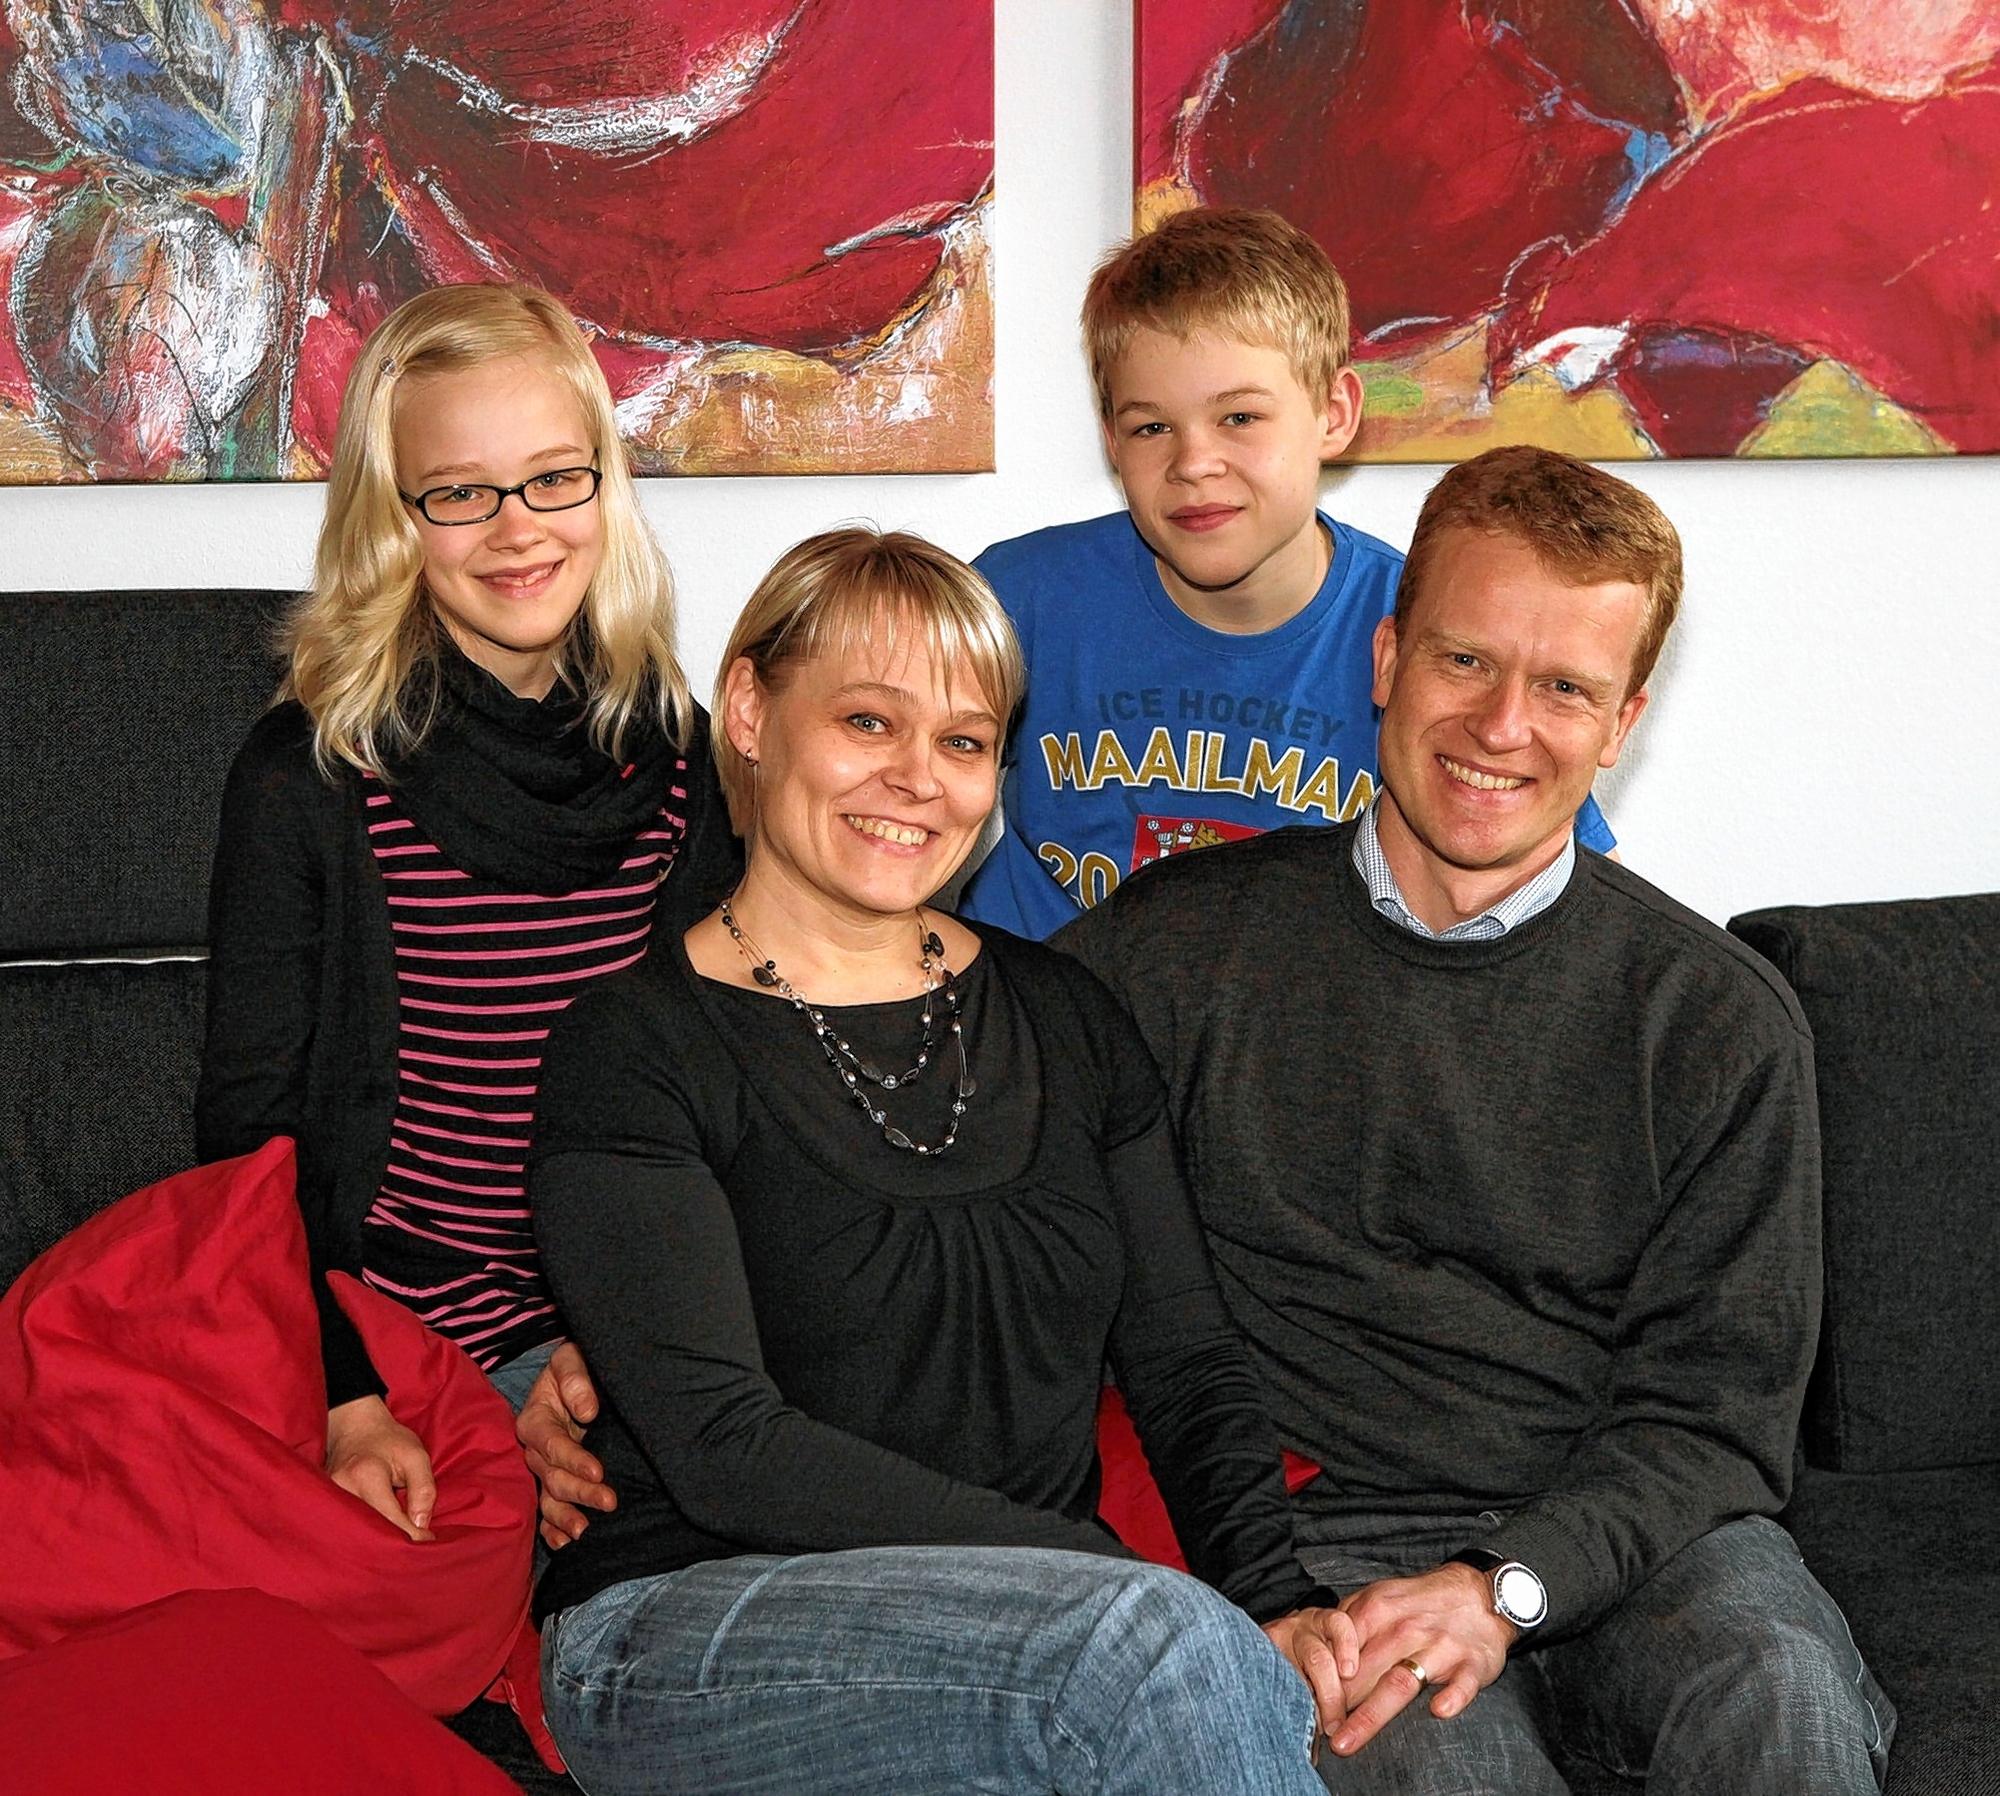 """Familienfoto: Tea Komppa-Schlieper mit ihrem Ehemann Holger und den Kindern Ina und Benjamin. Im Sommer fahren sie ins Seengebiet im mittleren Teil Finnlands zu ihrem """"Mökki"""" – unten eine Aufnahme dieser malerischen Idylle."""